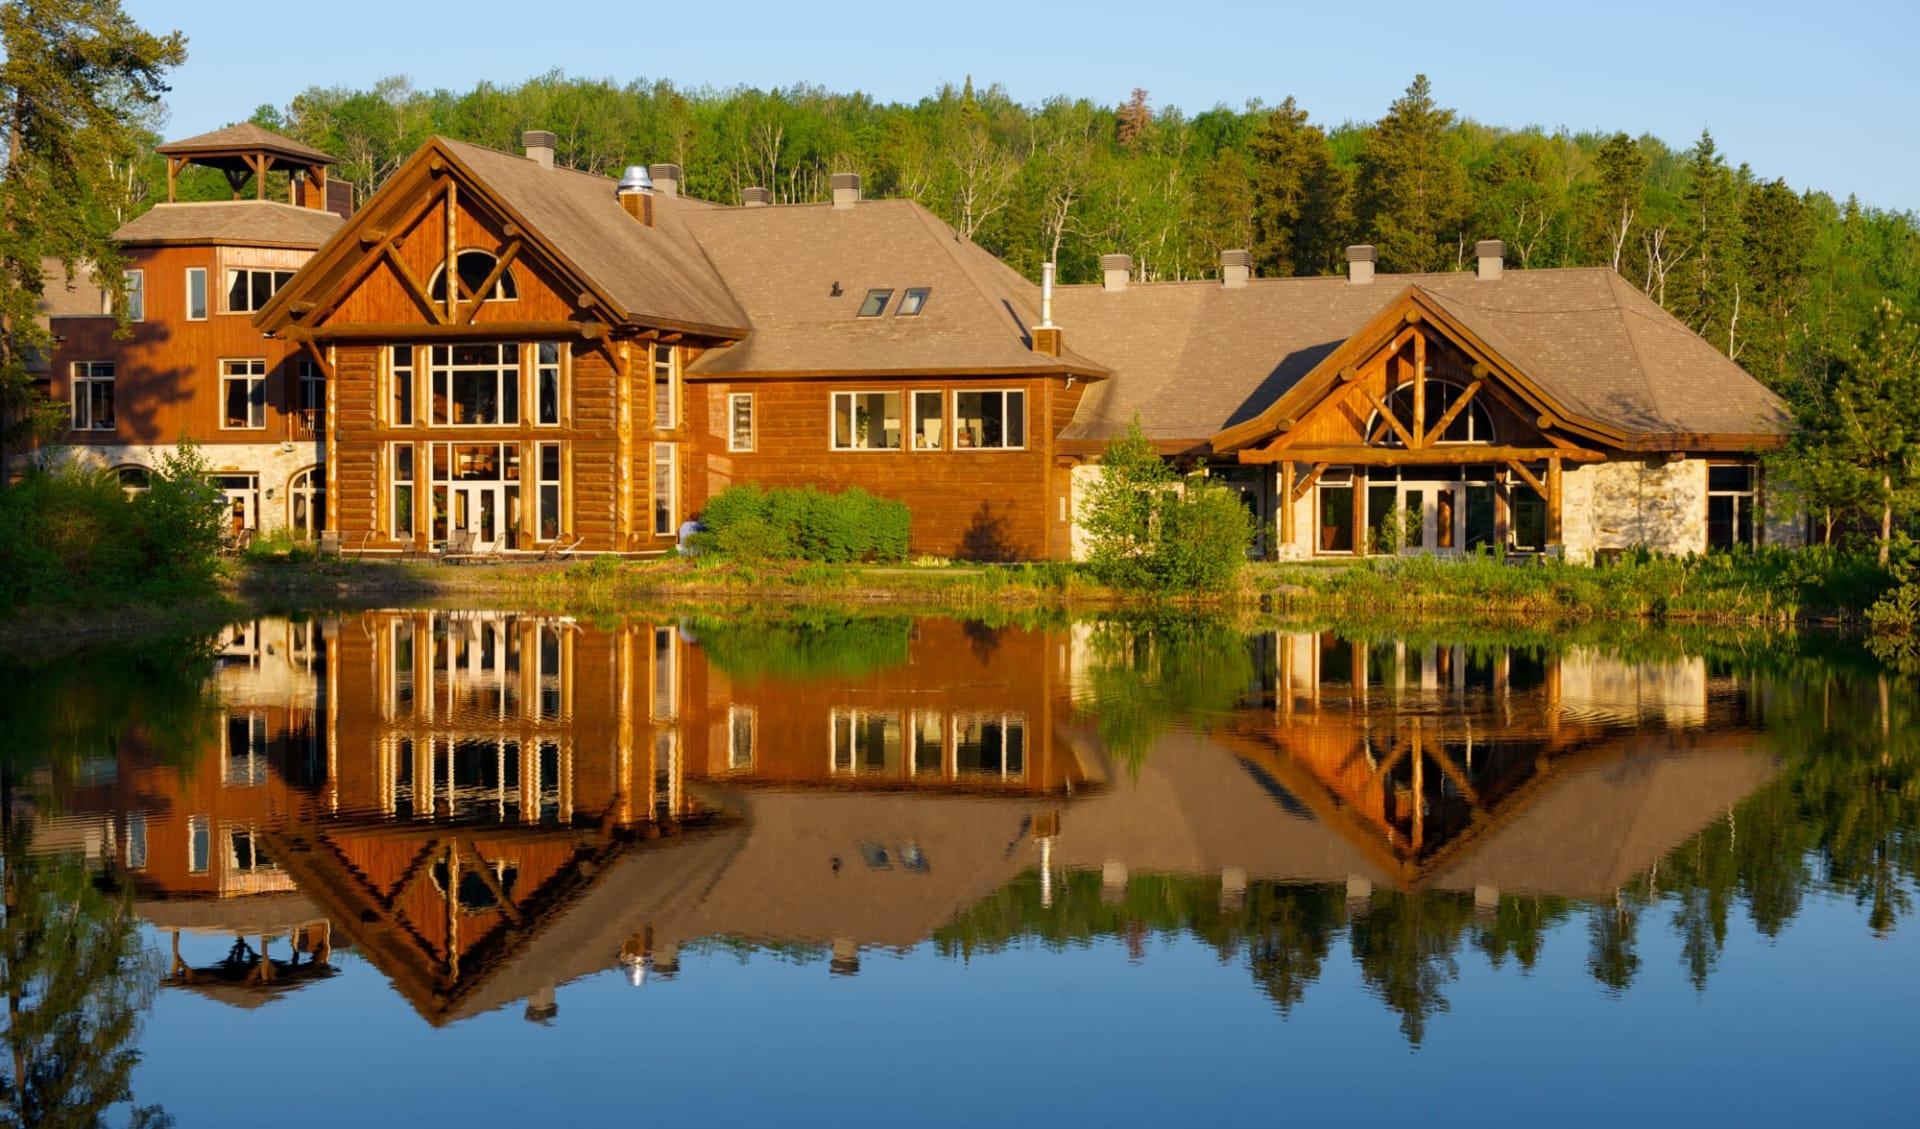 Auberge du Lac Taureau - Hôtellerie Châmpêtre in Saint Michel des Saints: exterior_Auberge du Lac Taureau - Hotellerie Champètre_Summer